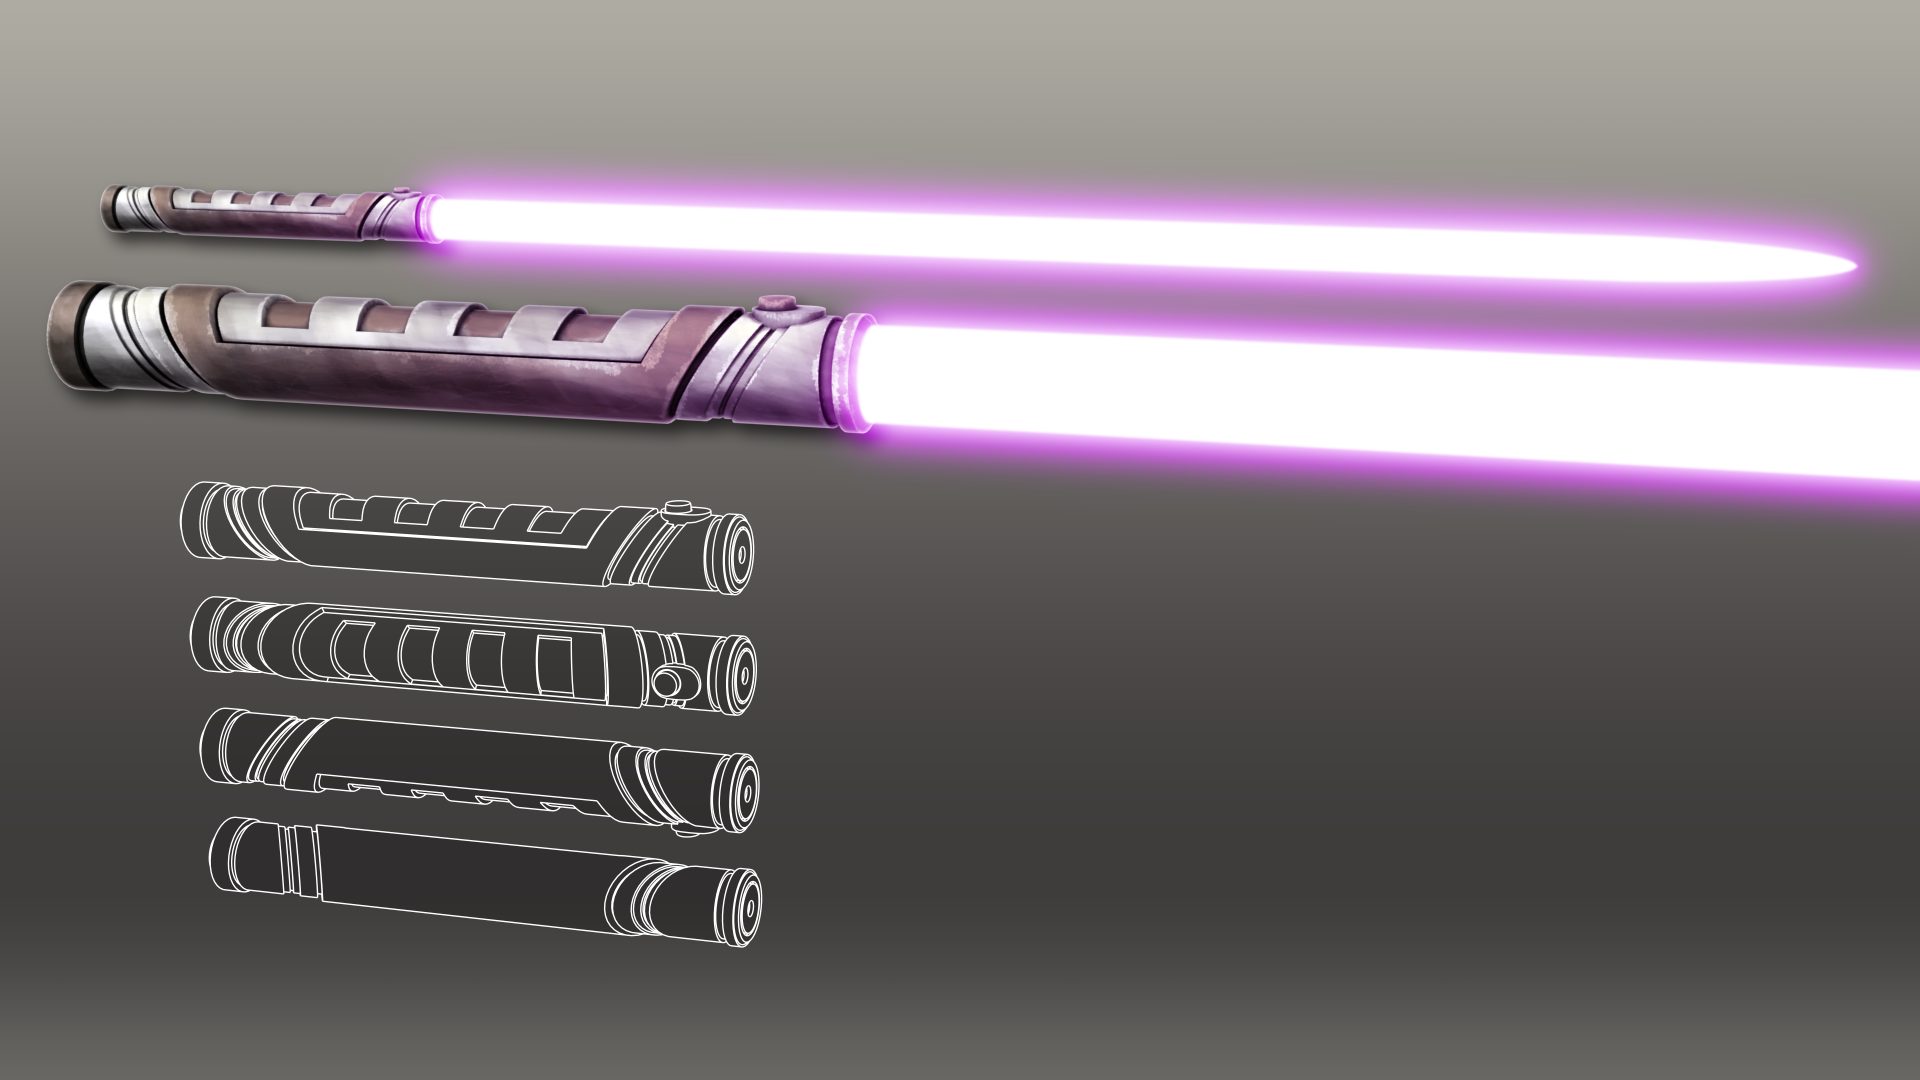 Guardian Lightsaber By Broodofevil On Deviantart Purple Lightsaber Star Wars Images Lightsaber